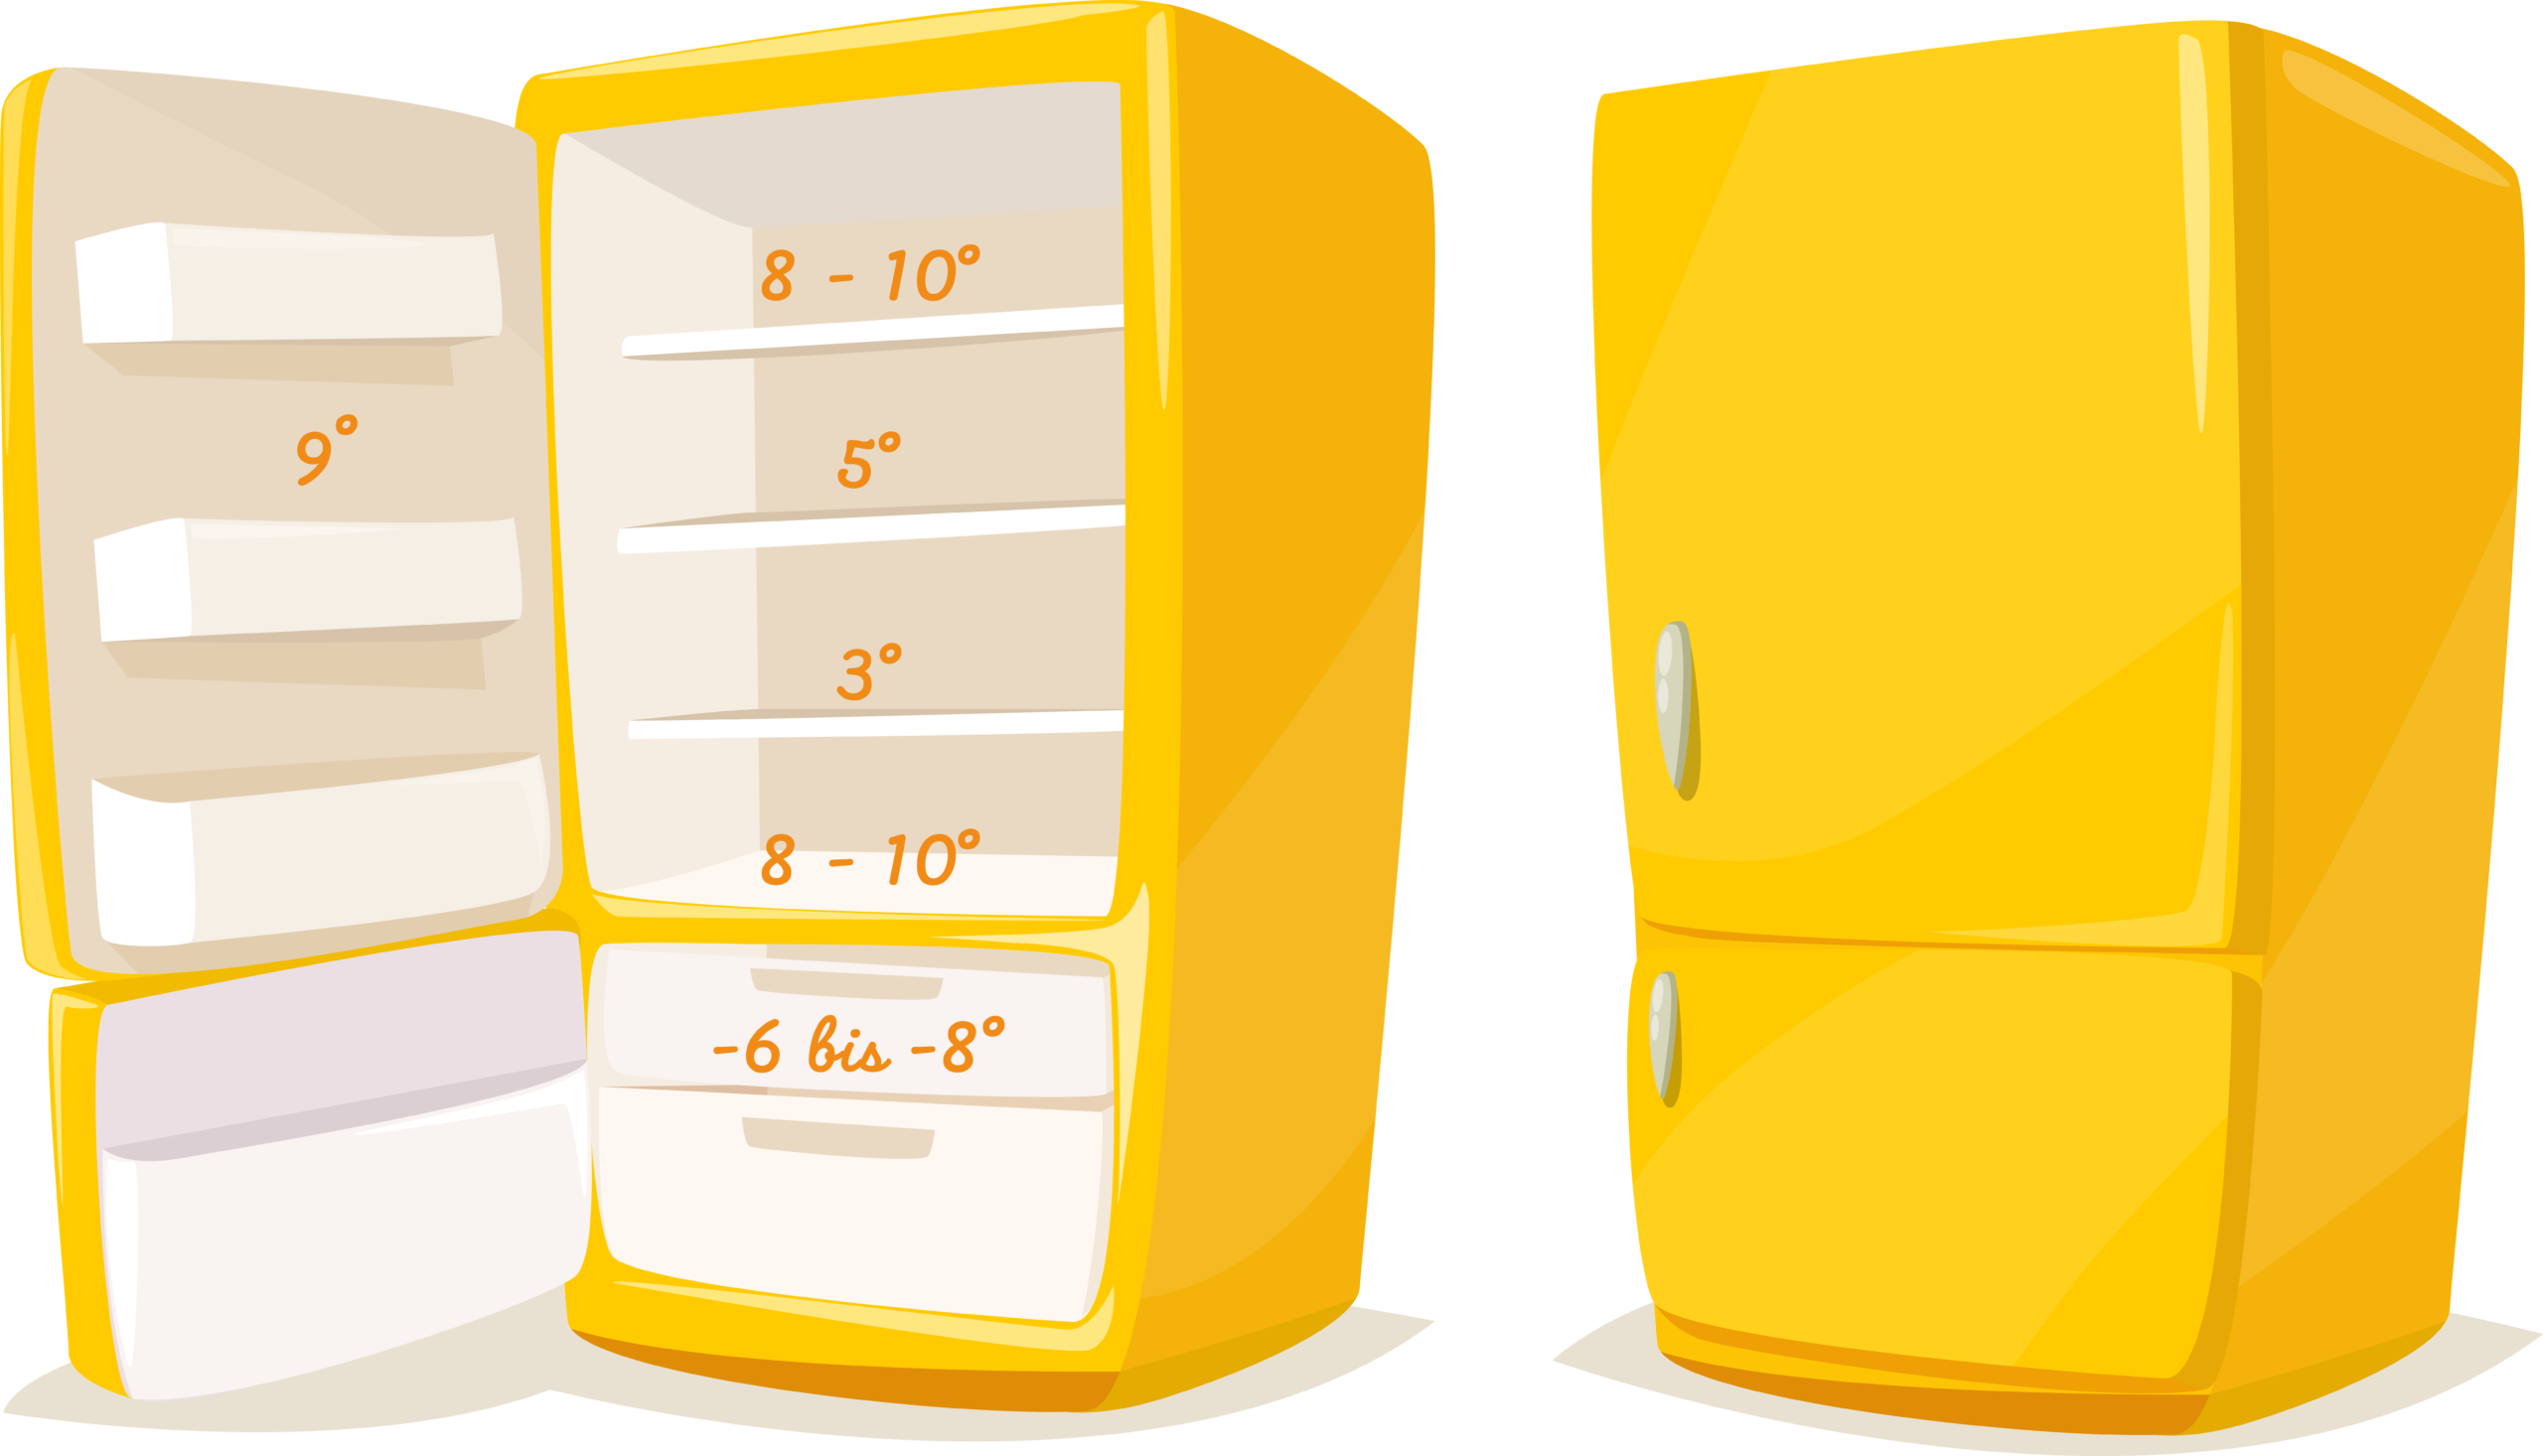 Lebensmittel im Kühlschrank lagern: Temperaturzonen